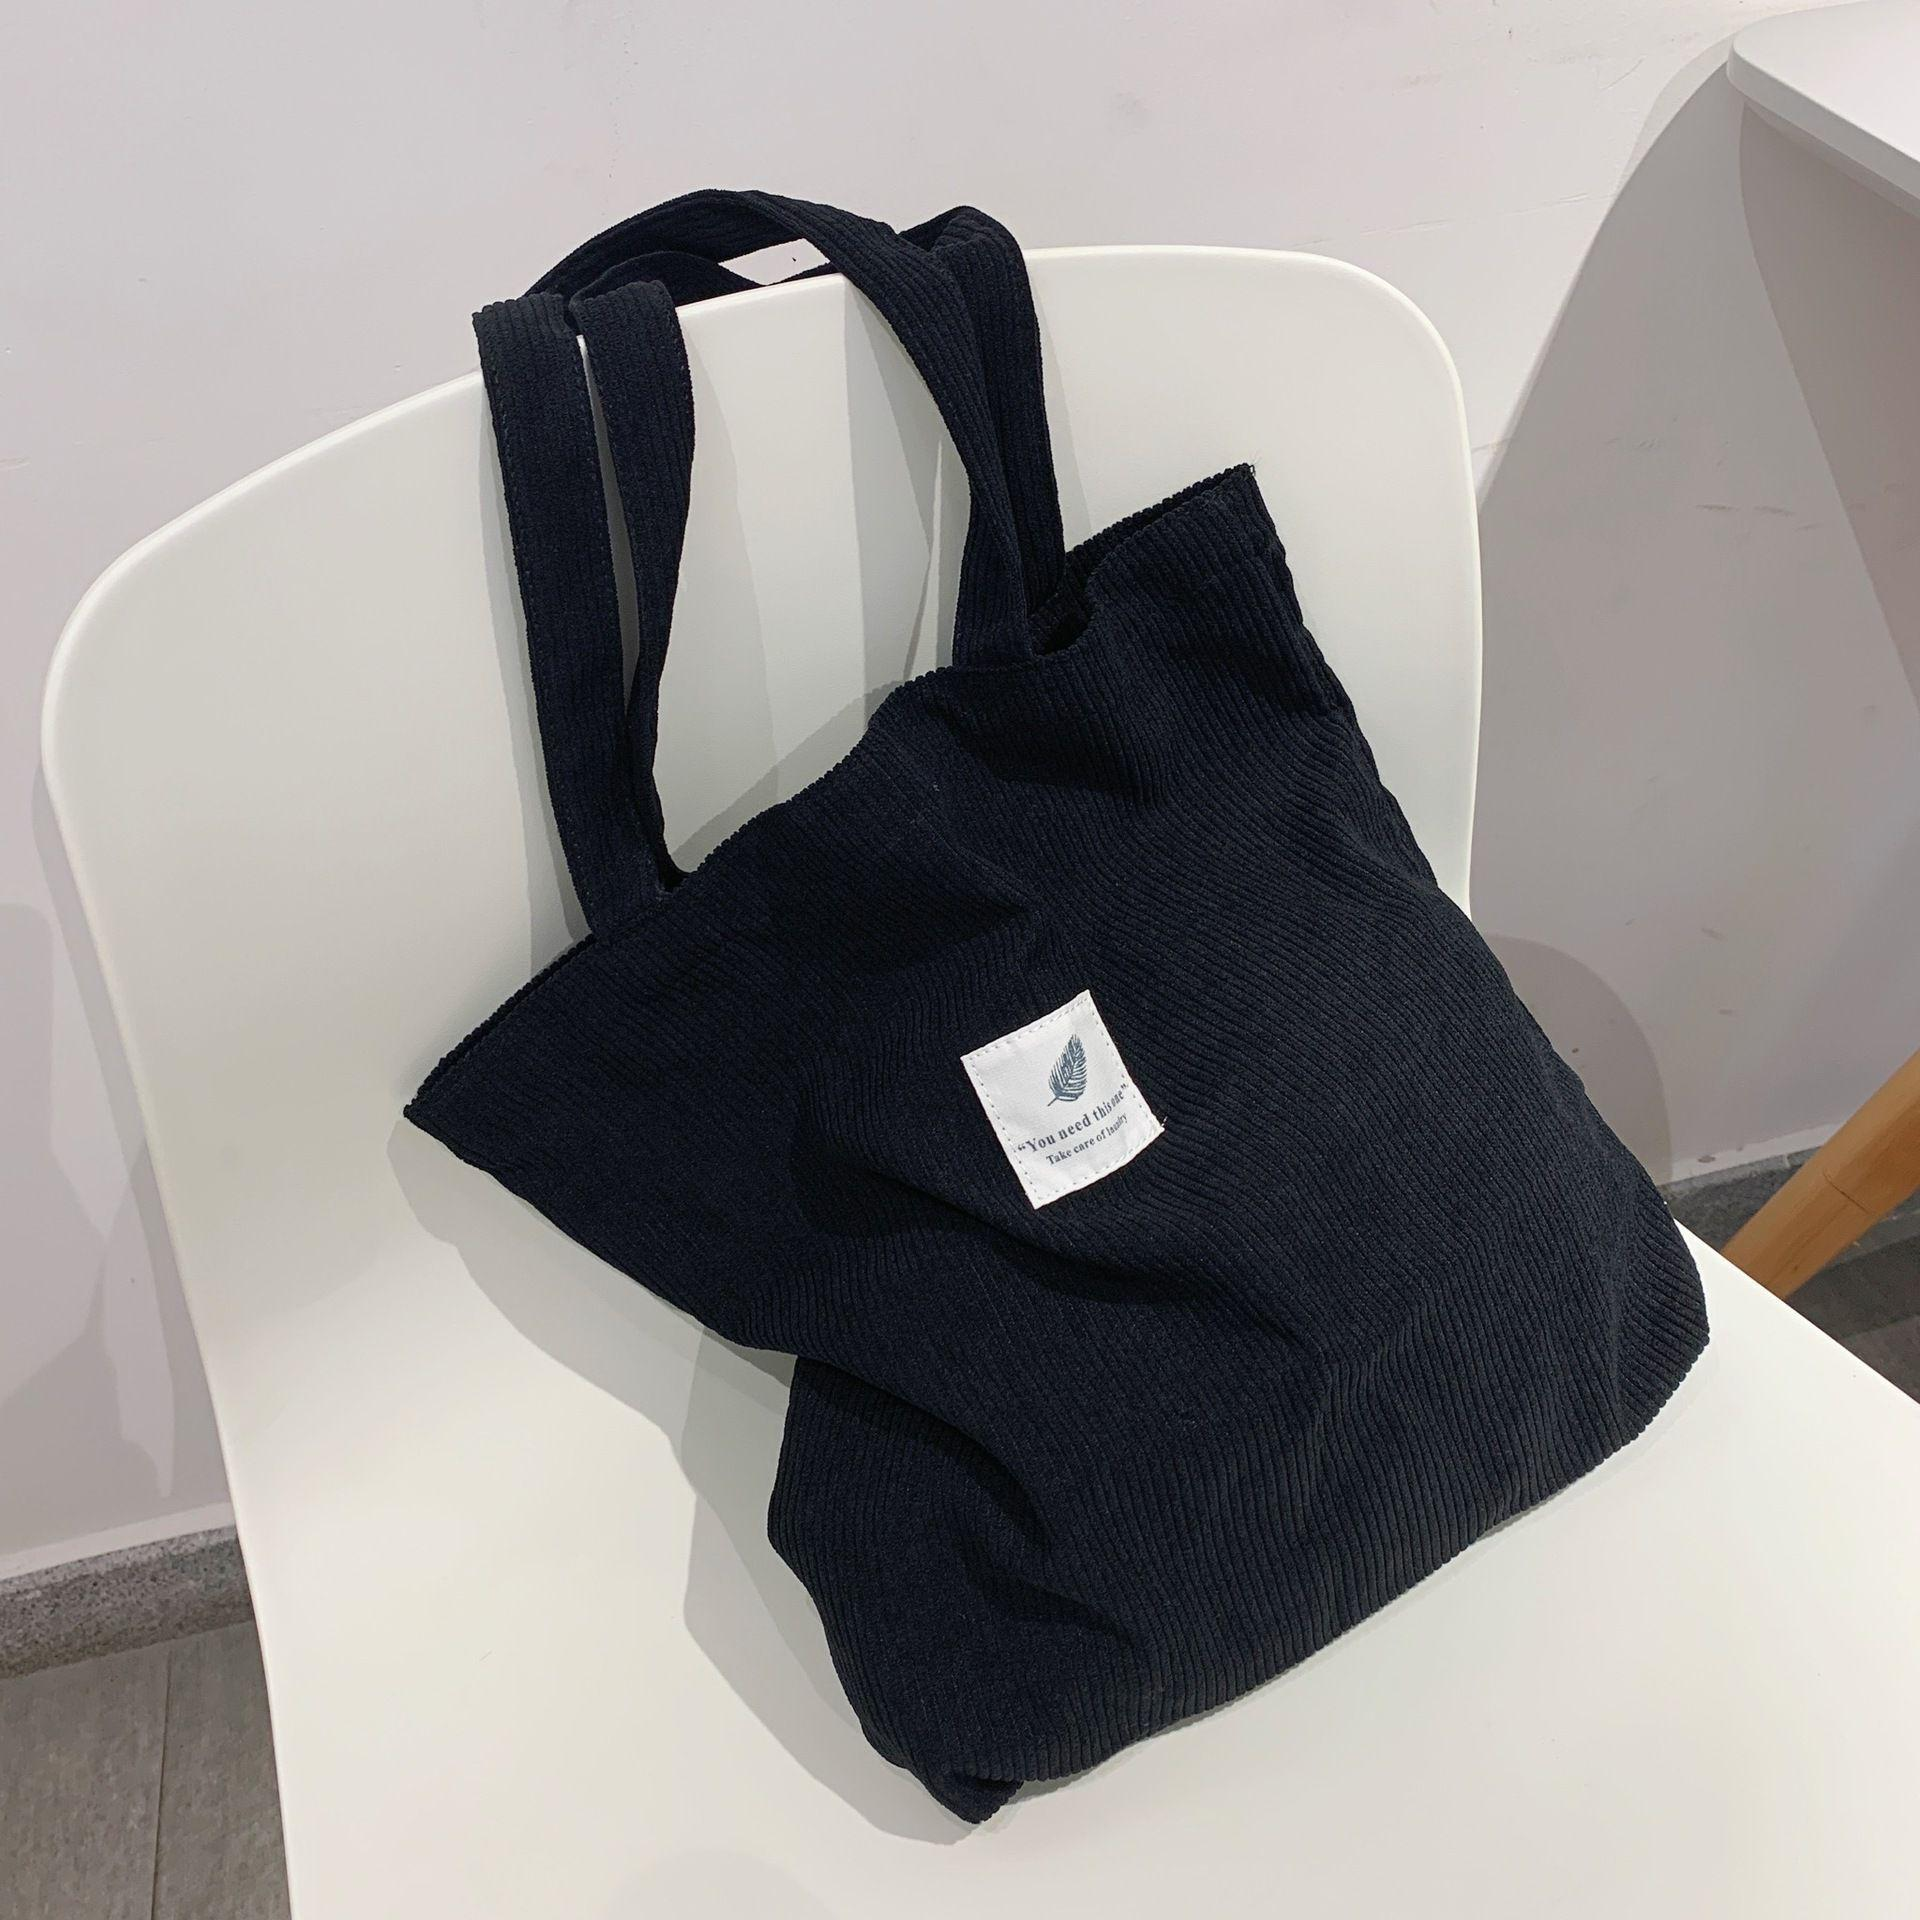 Сумки HBP для женщин 2021 CORDUROY Сумка на плечо Многоразовая сумка для покупок Повседневная Tote Женская сумочка для определенного количества Dropshipping Black